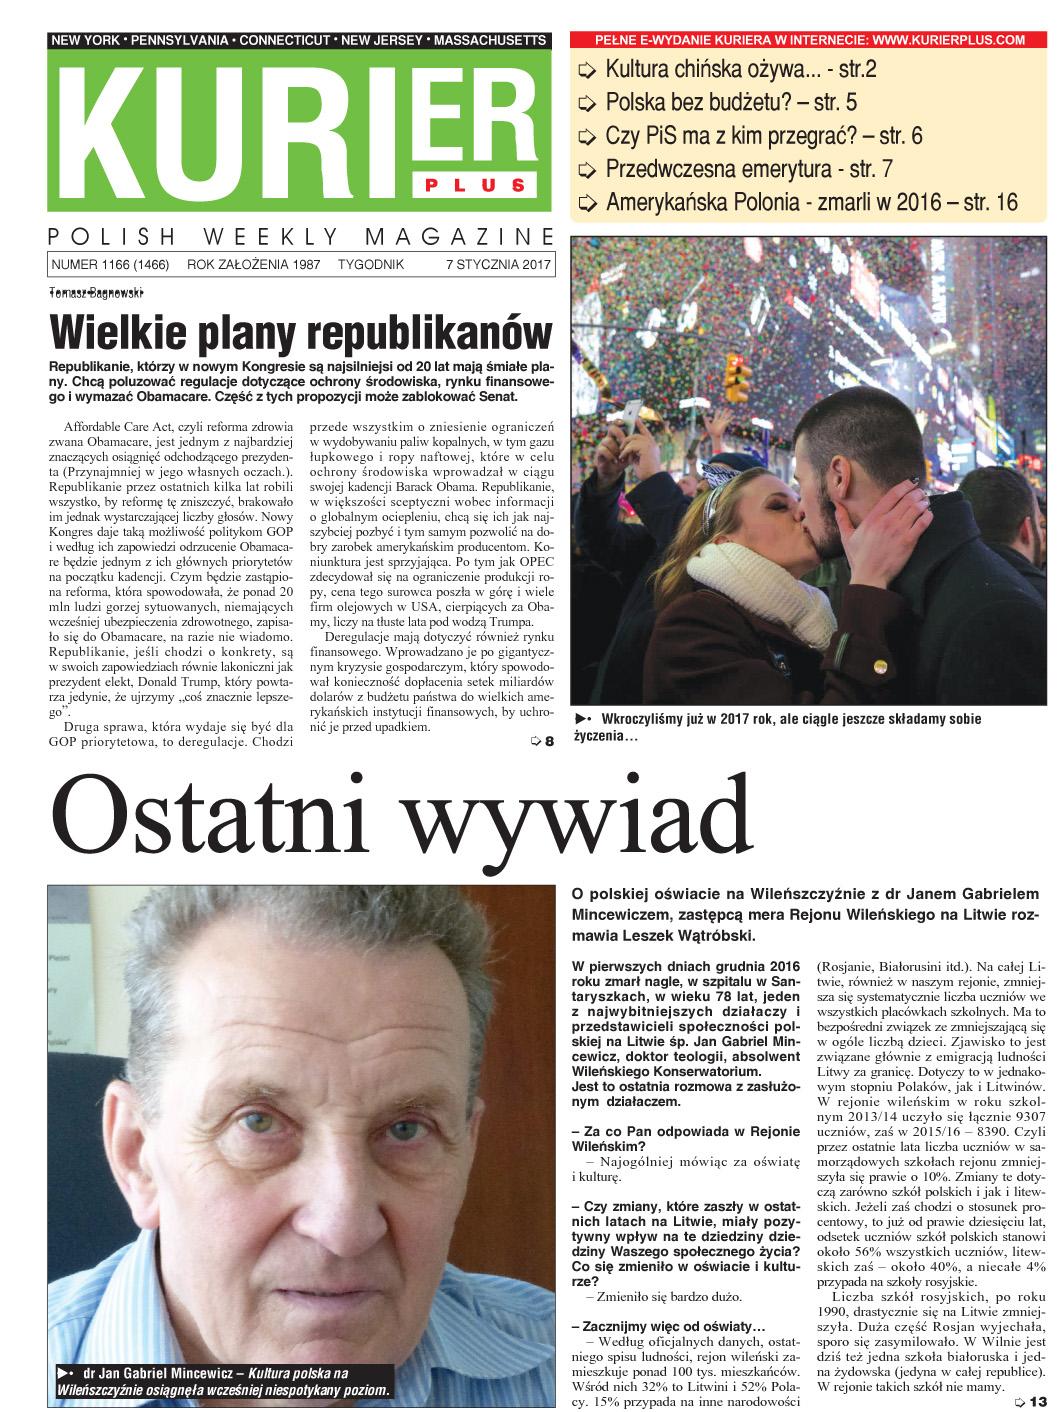 Kurier Plus - e-wydanie 7 stycznia 2017